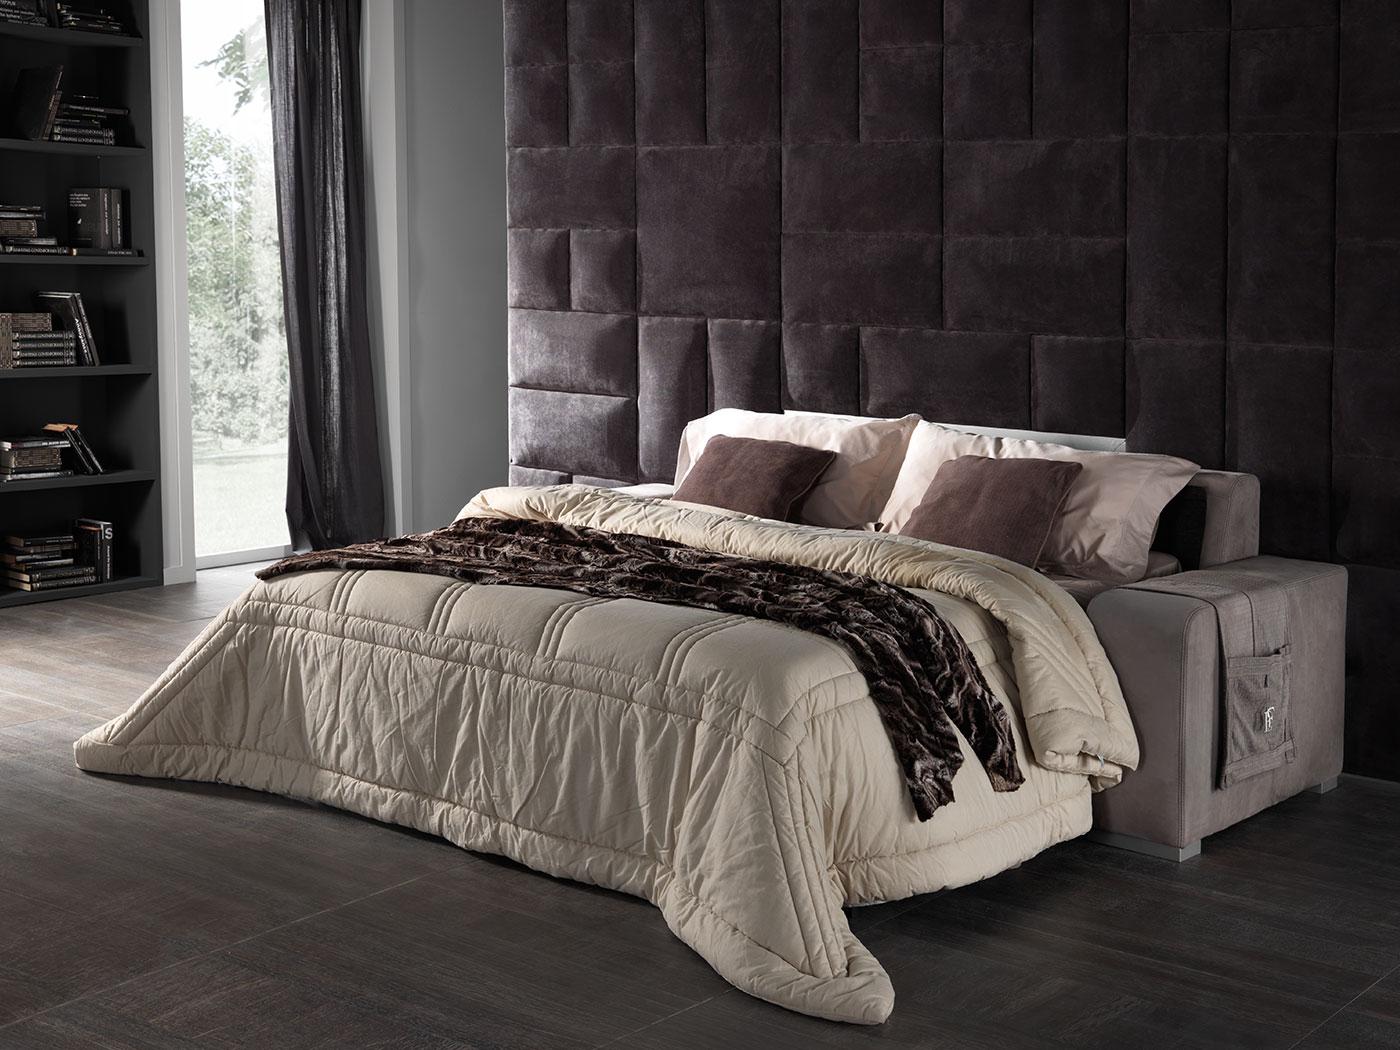 dexter-letto